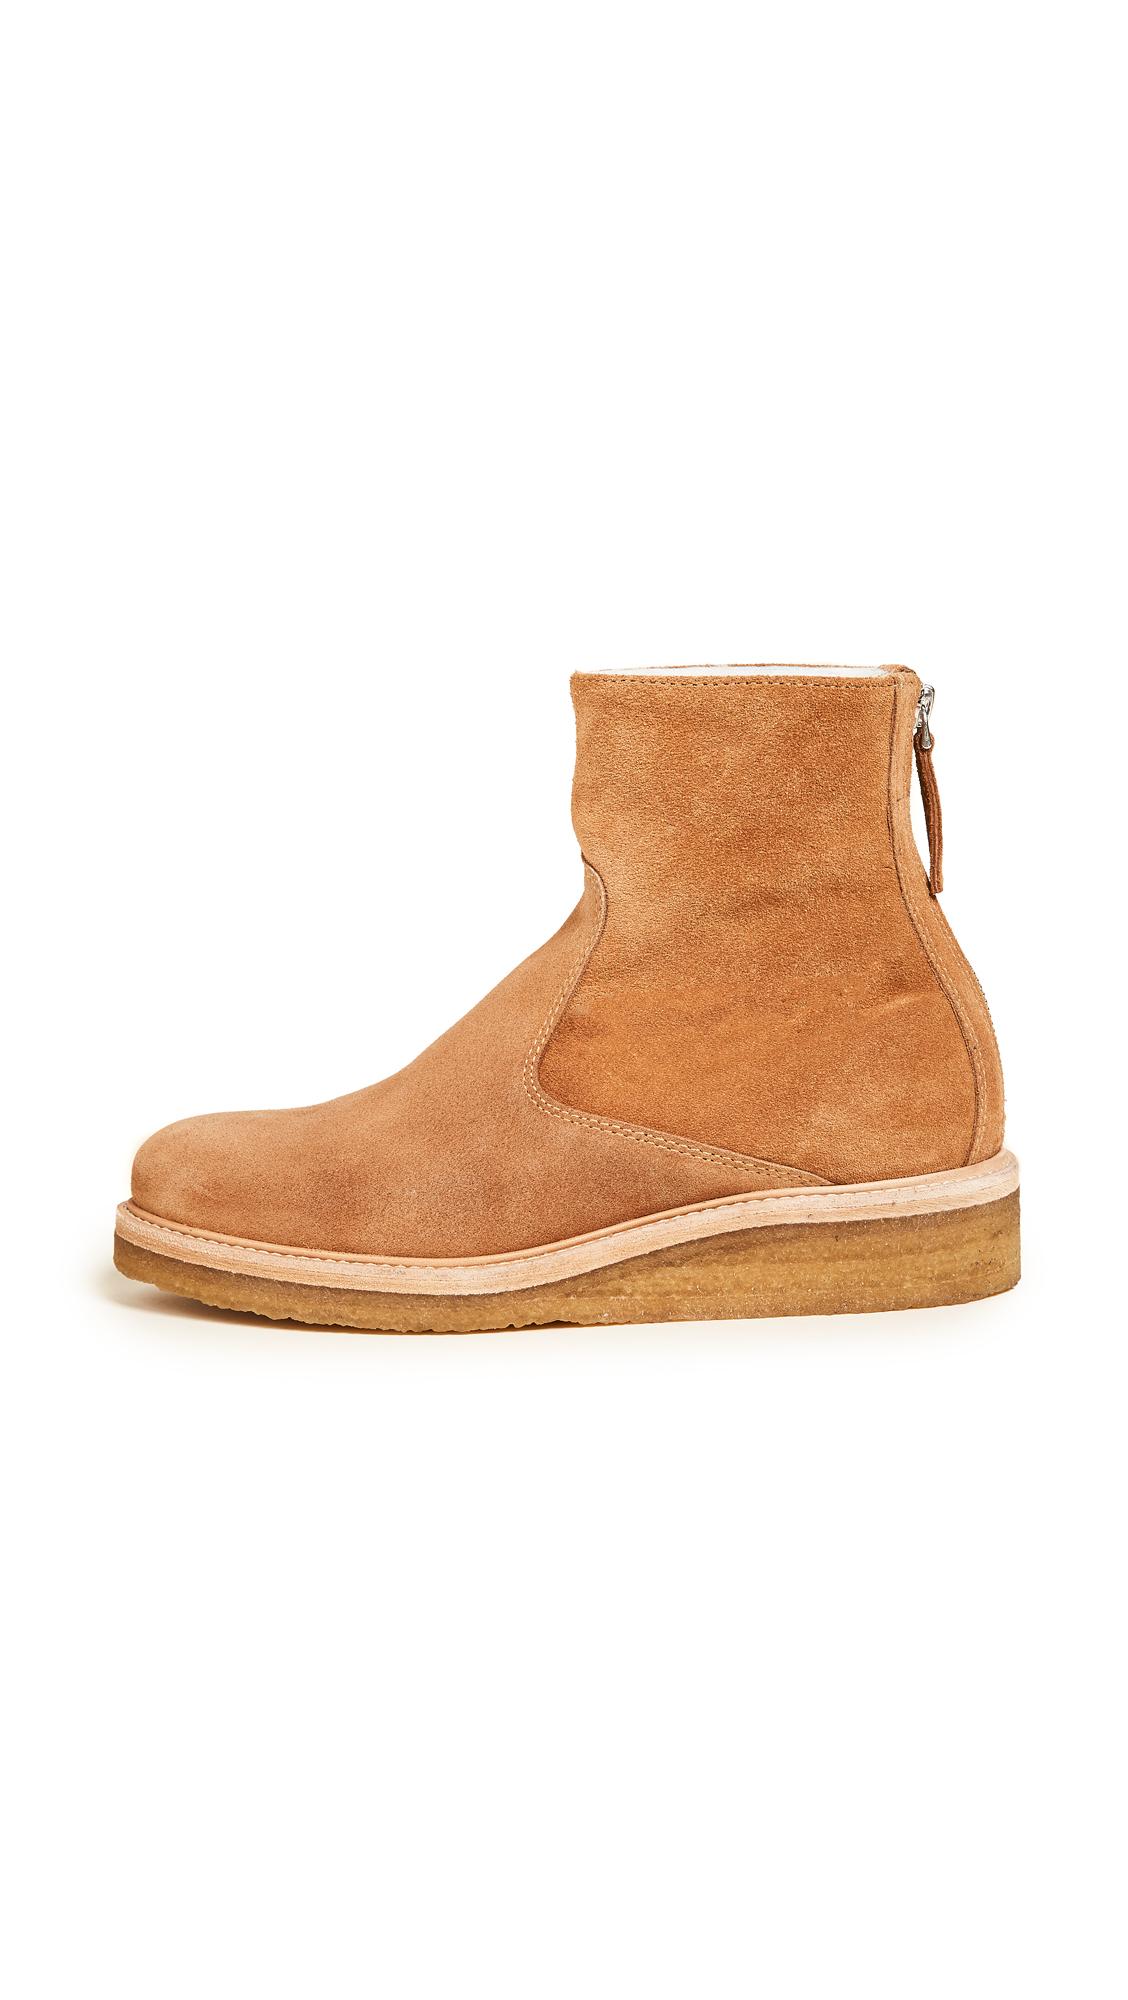 WANT LES ESSENTIELS Stevie Crepe Sole Ankle Booties - White Oak